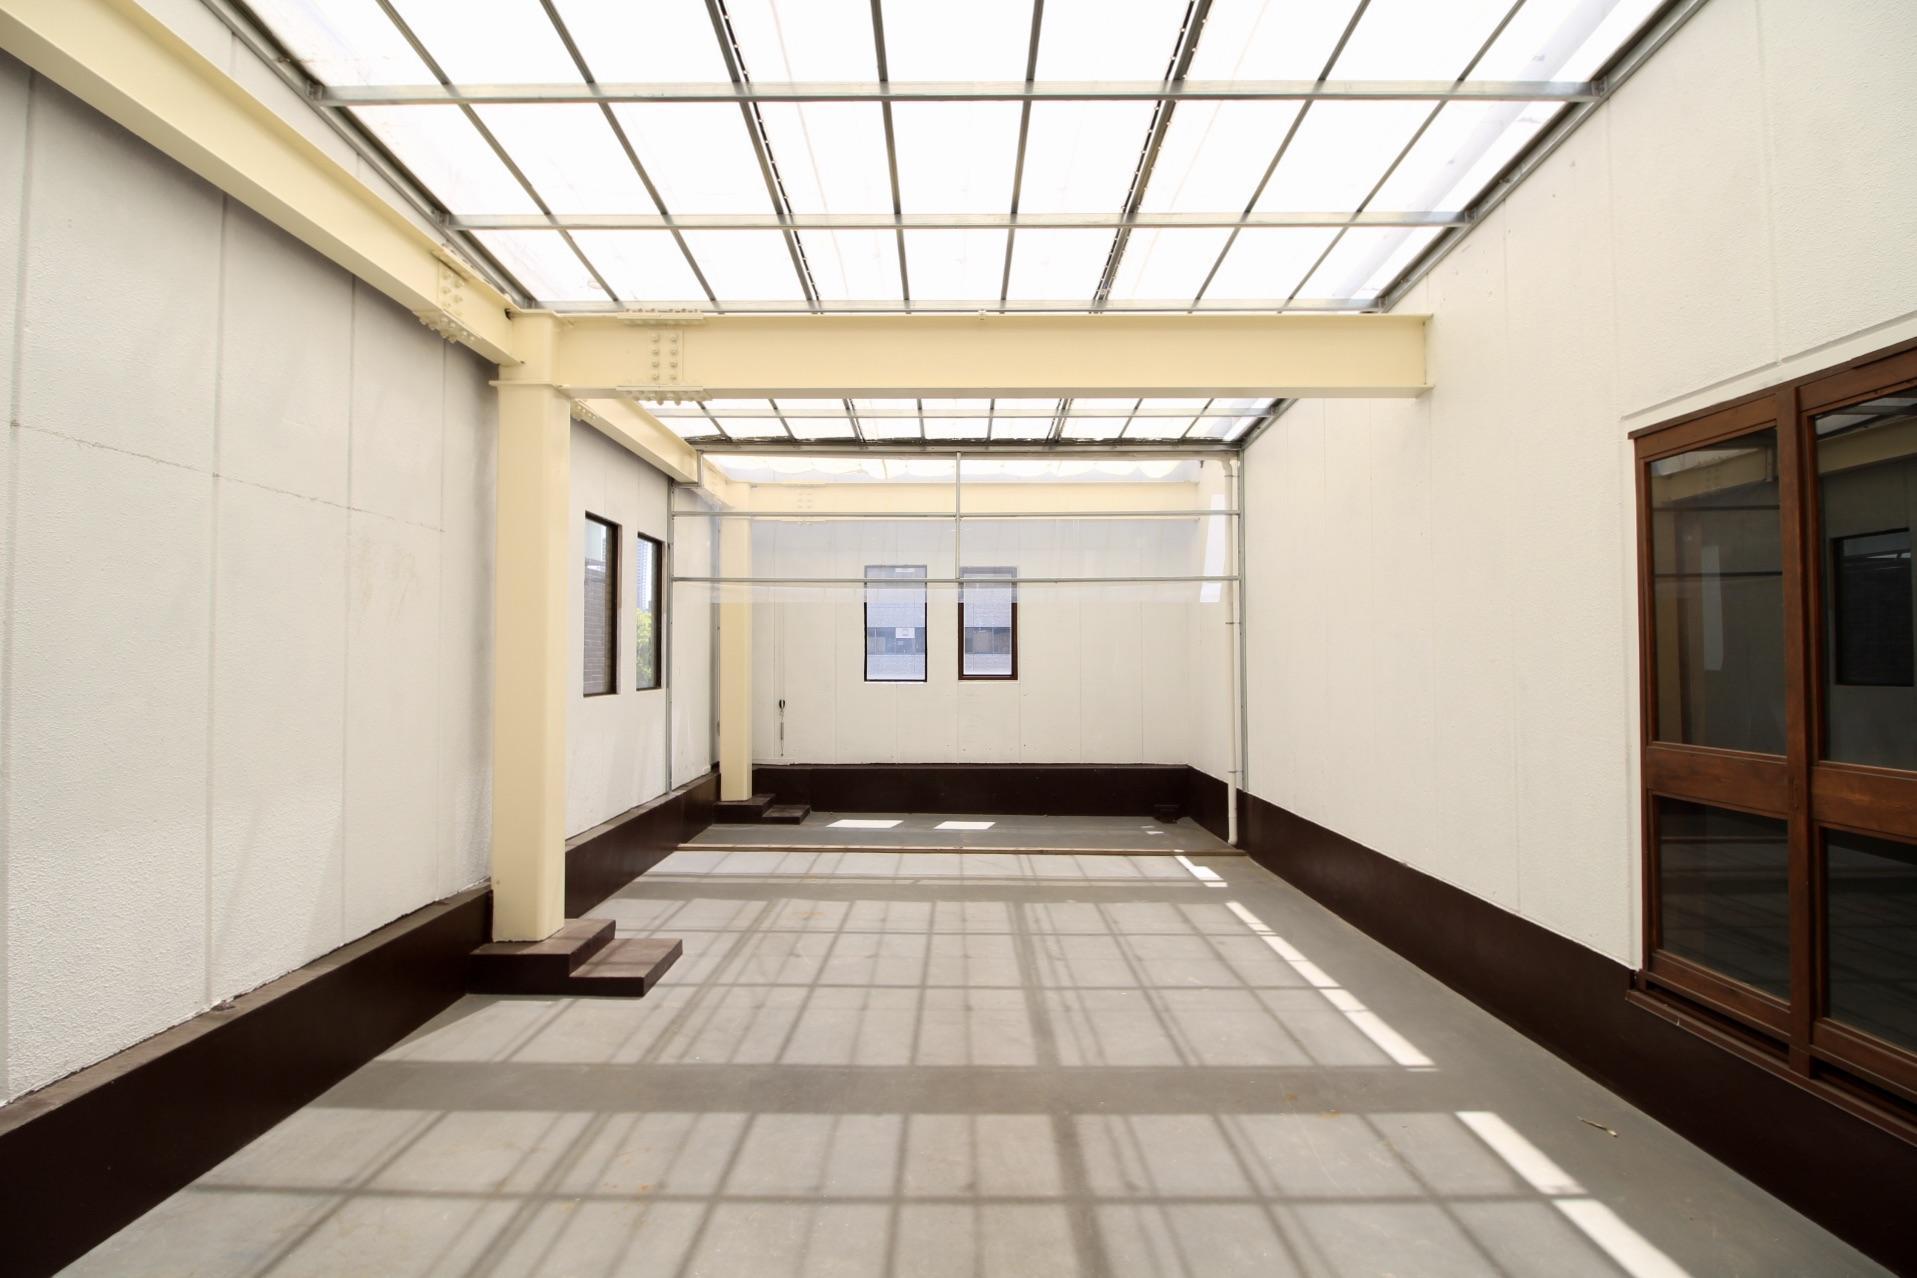 空から光が差し込むオープンテラス(ここに屋上へと上がる階段を設置しちゃいましょう)